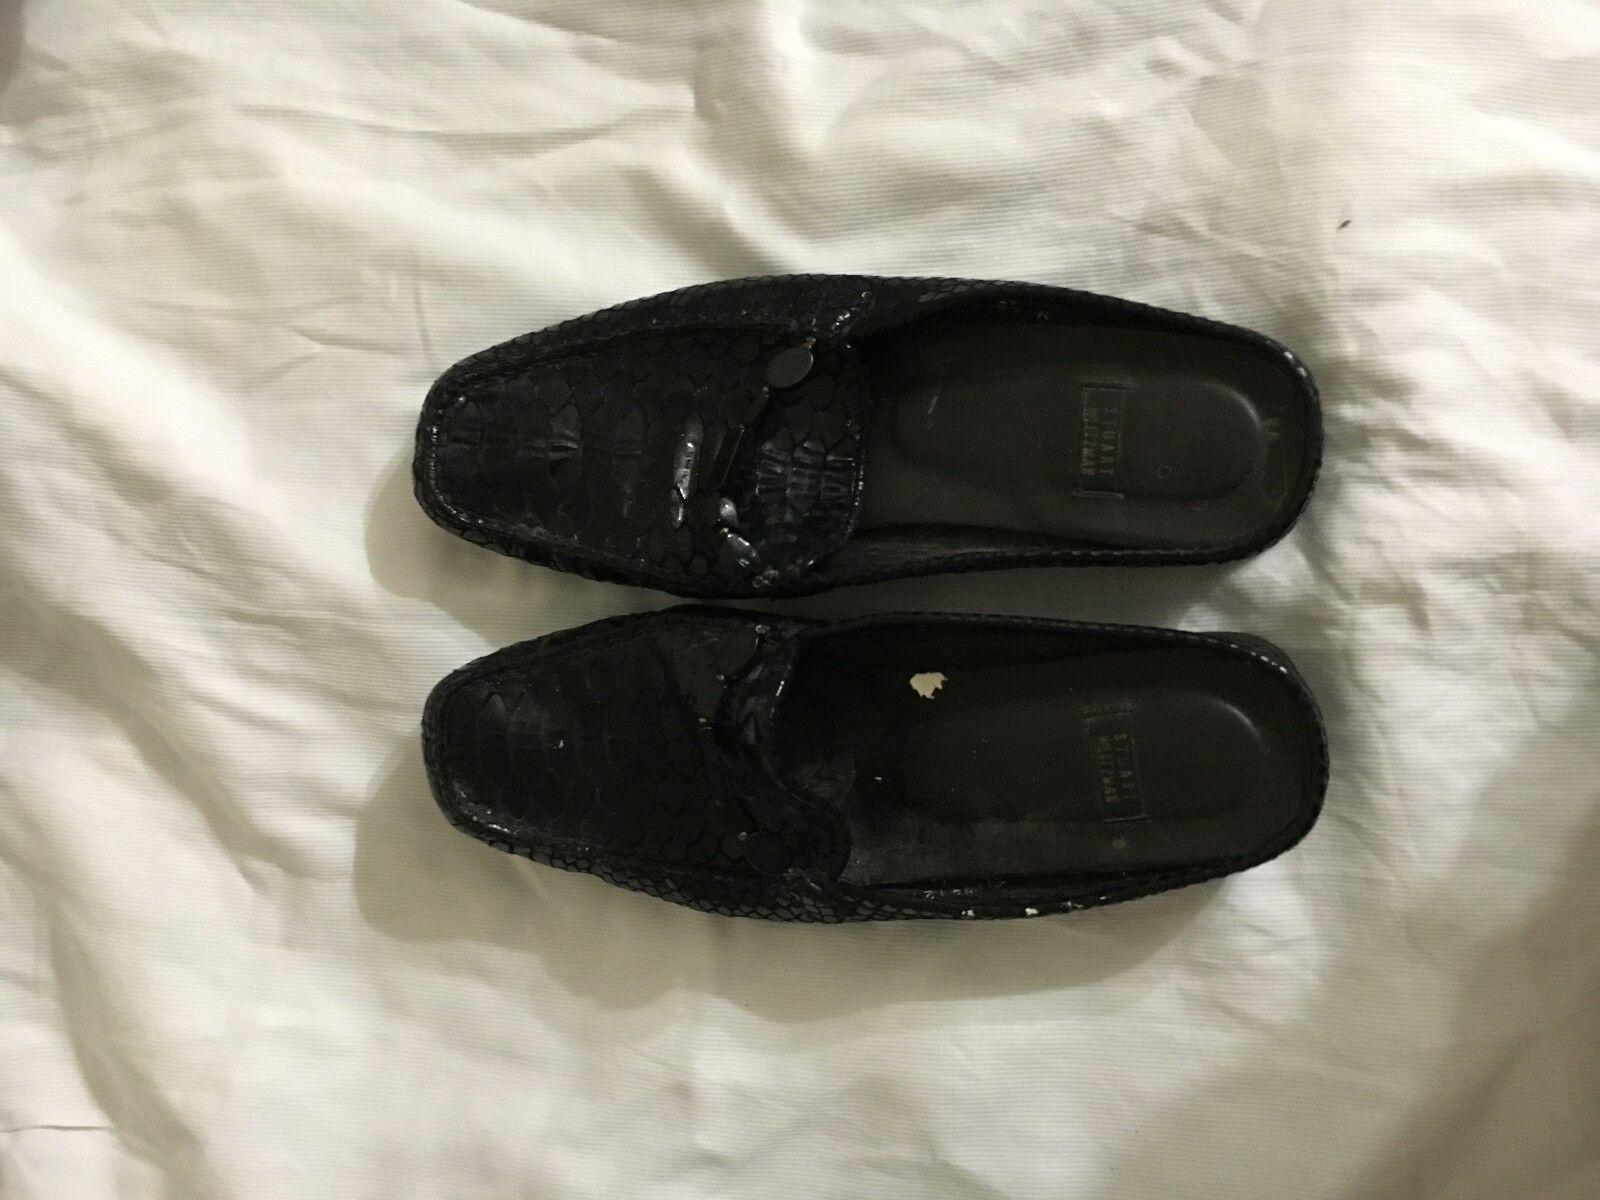 Stuart Weitzman Negro Patente Patente Patente tamaño del zapato 81 2 B  nuevo sádico